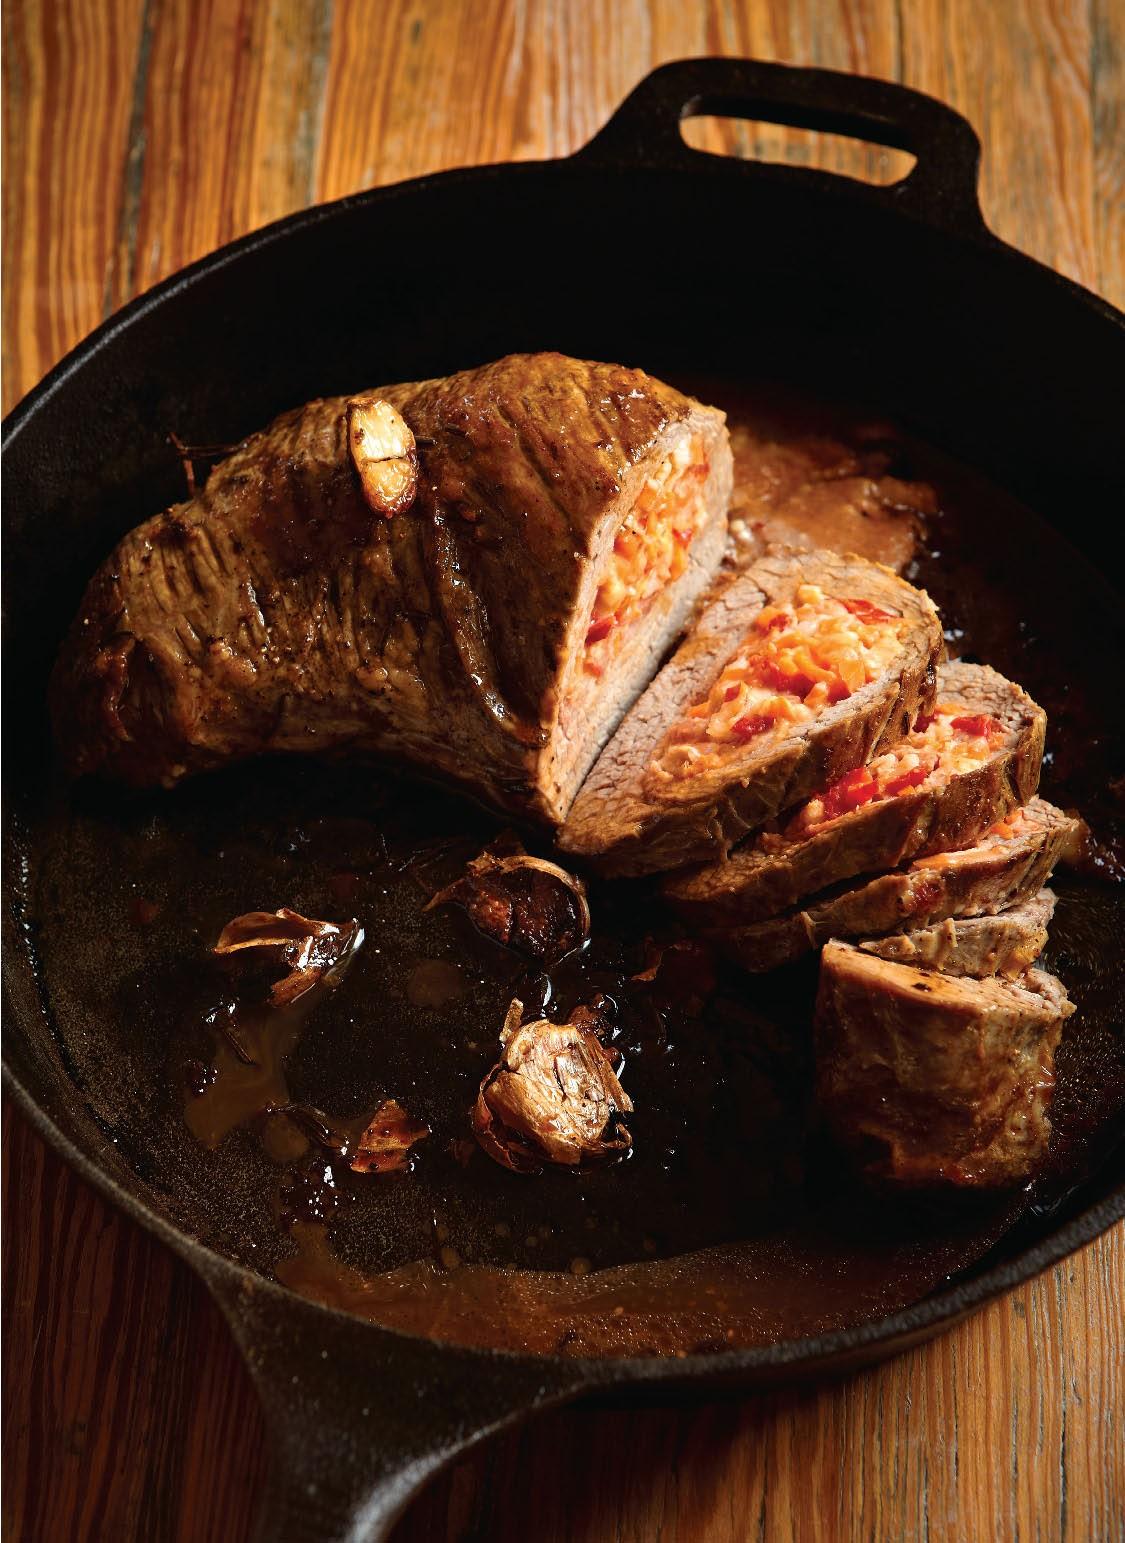 Nuestras Recetas de Siempre cocina casera y tradicional